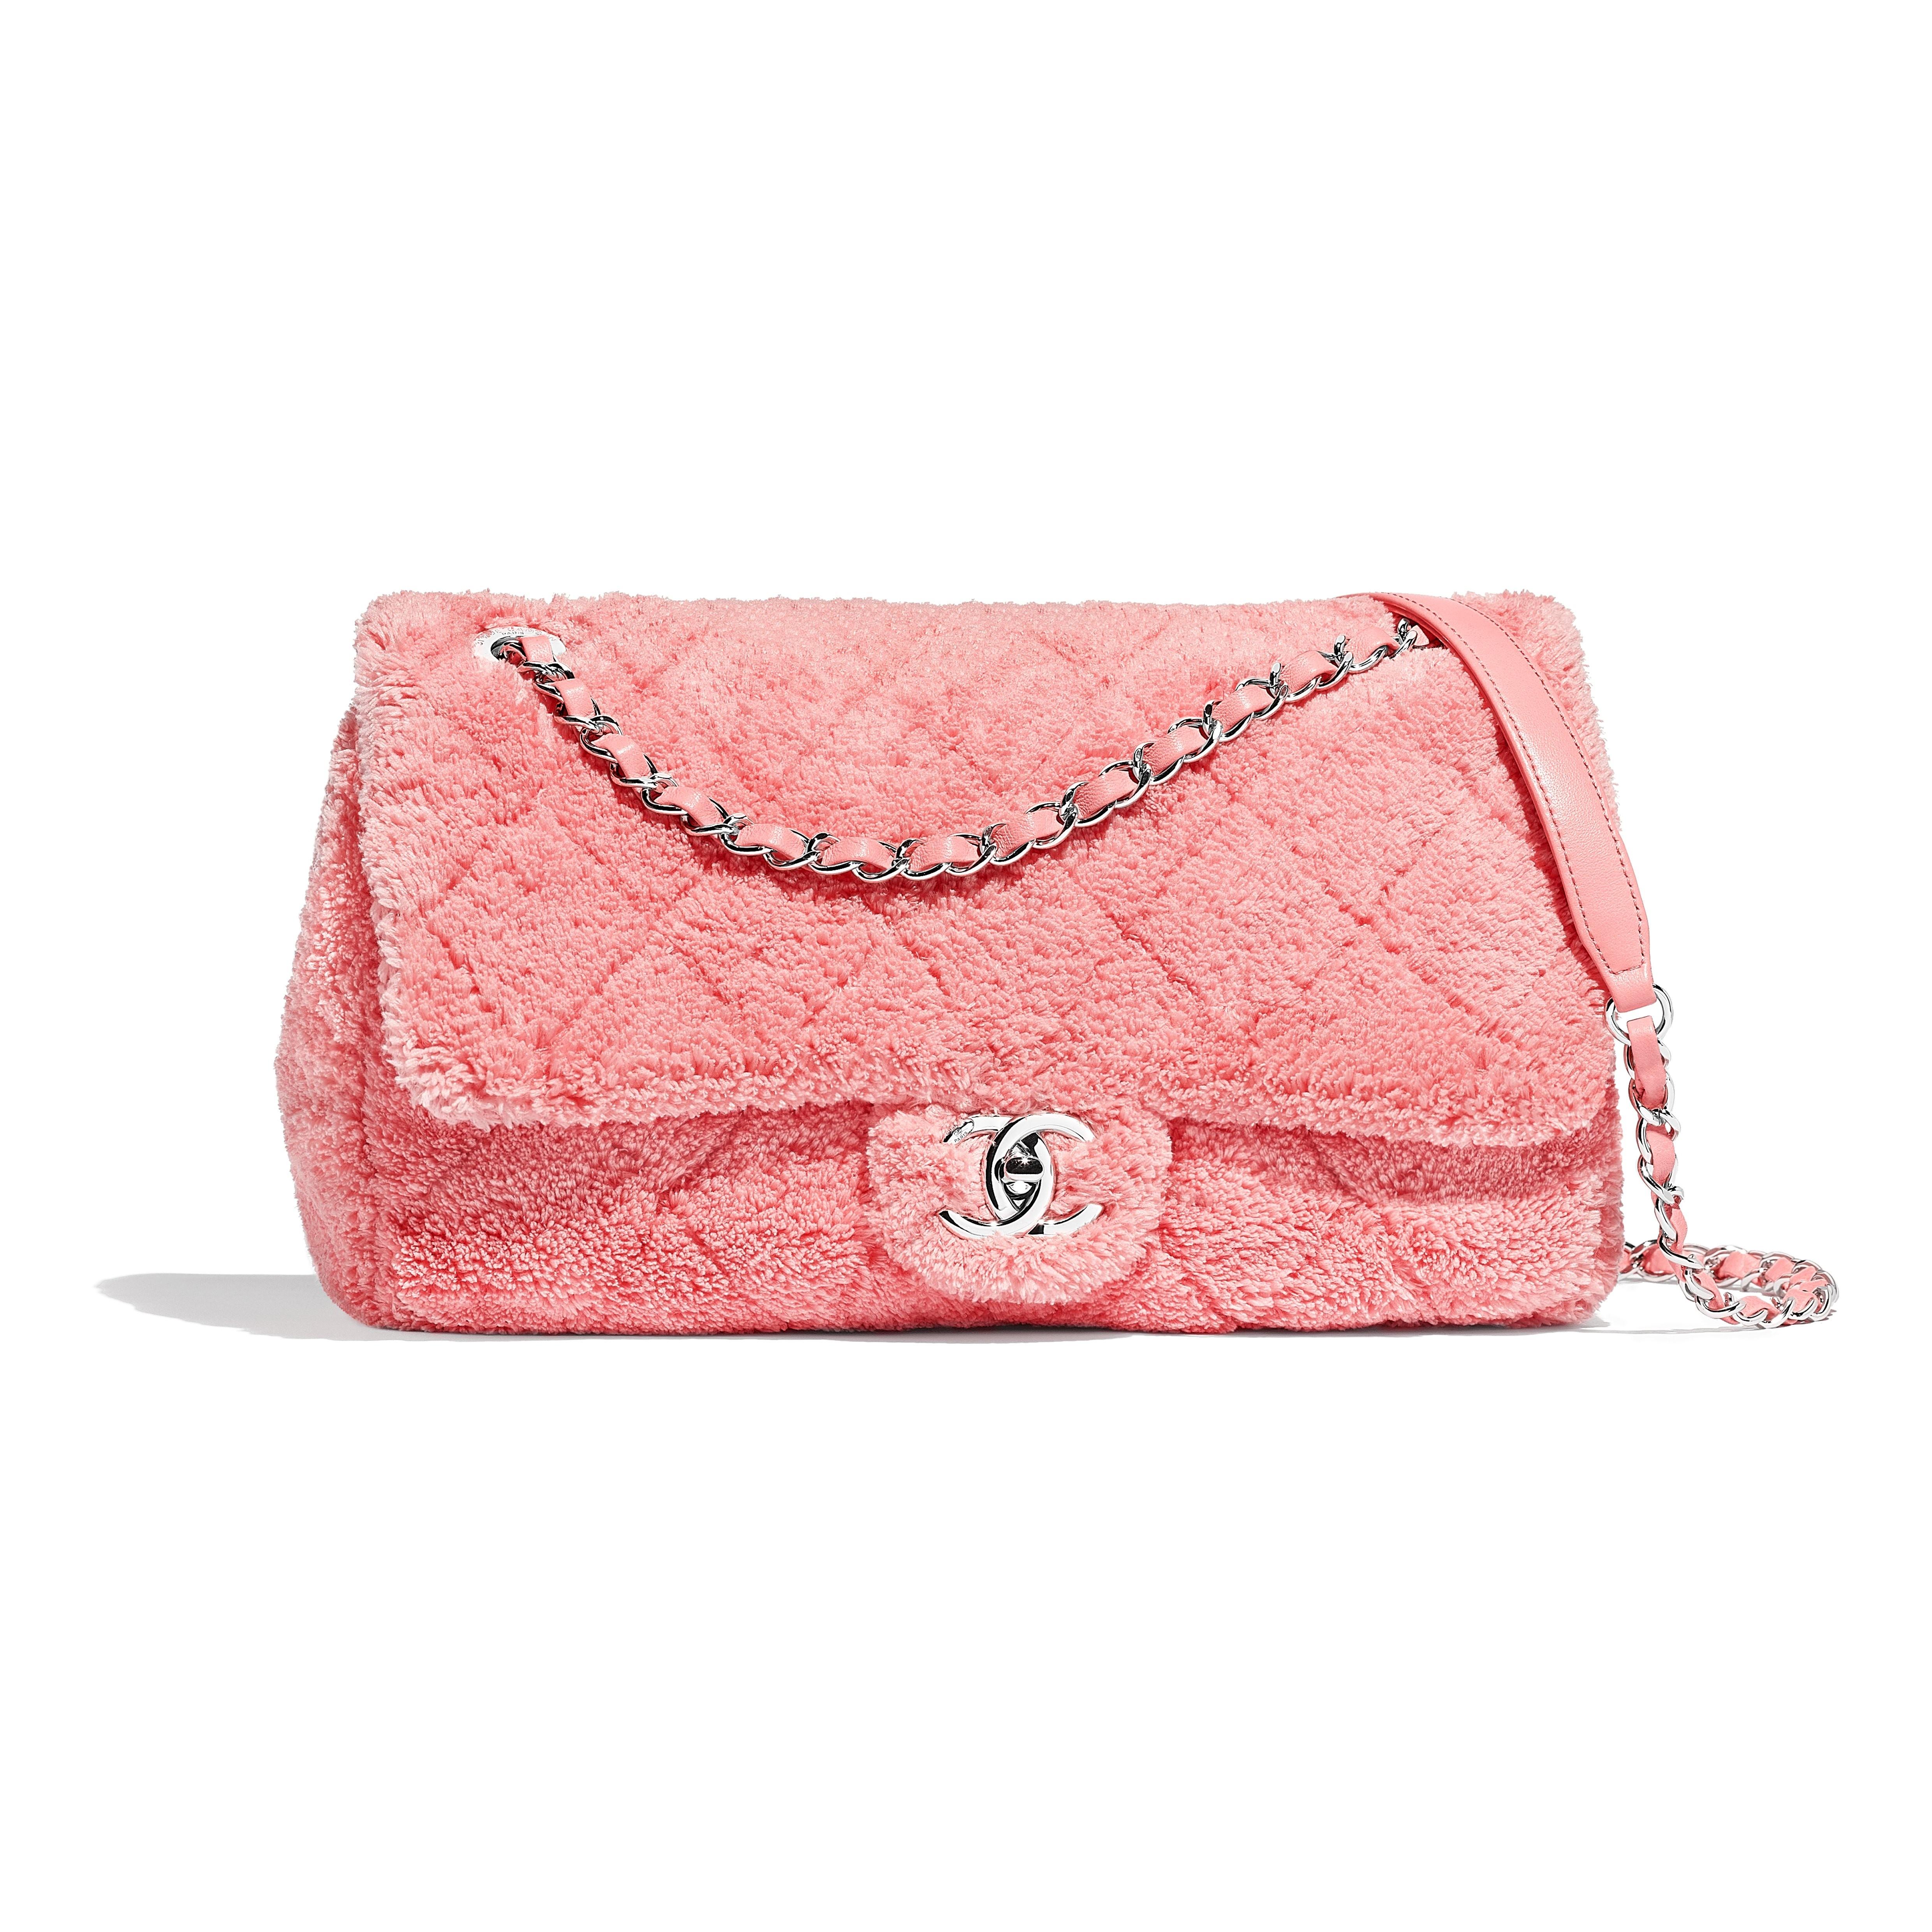 8235272e8b9c Chanel Summer Bags 2019 – Hanna Oaks